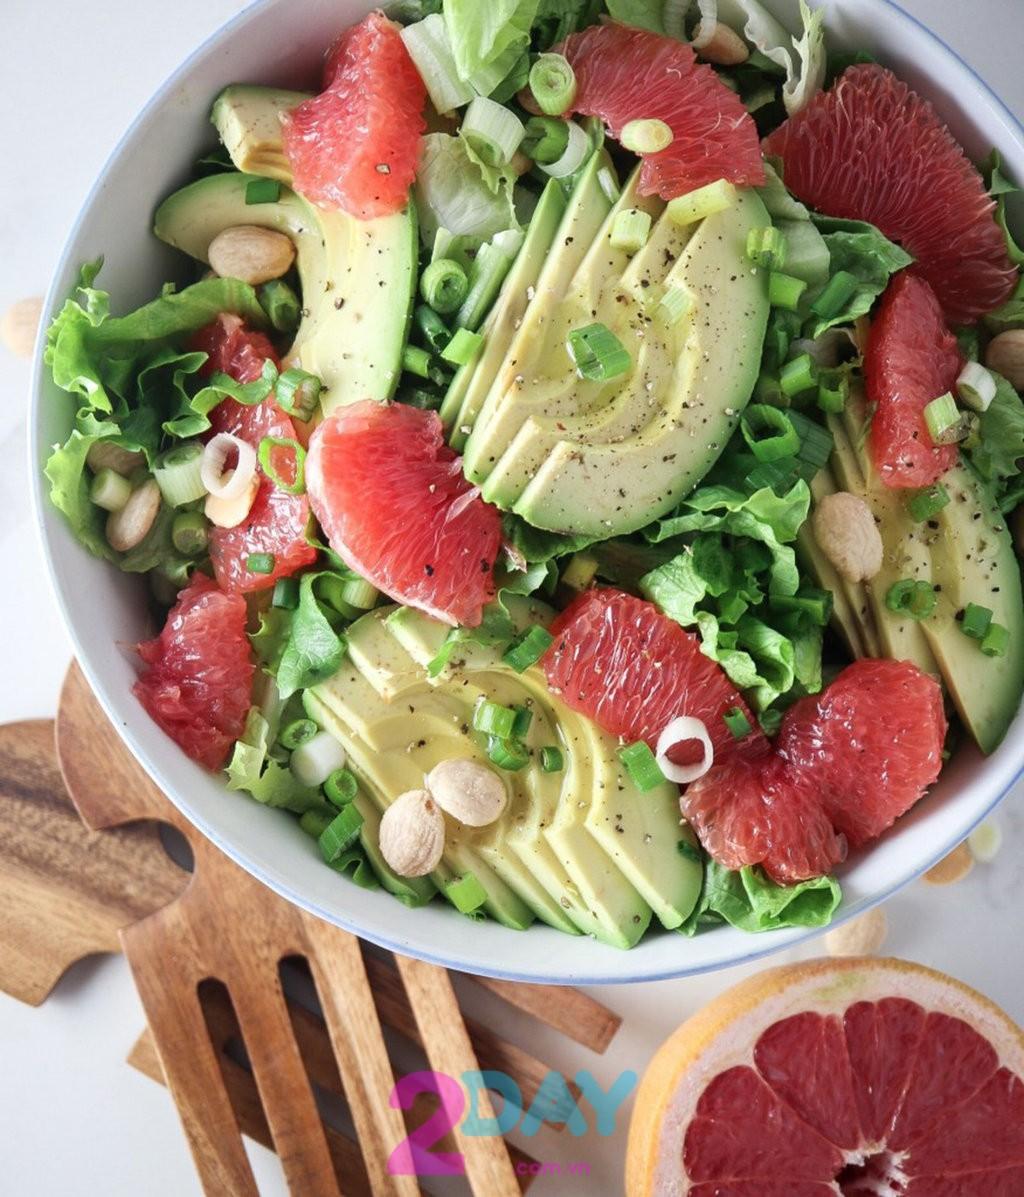 Công thức salad giúp giảm cân nhanh chóng cùng bưởi và bơ